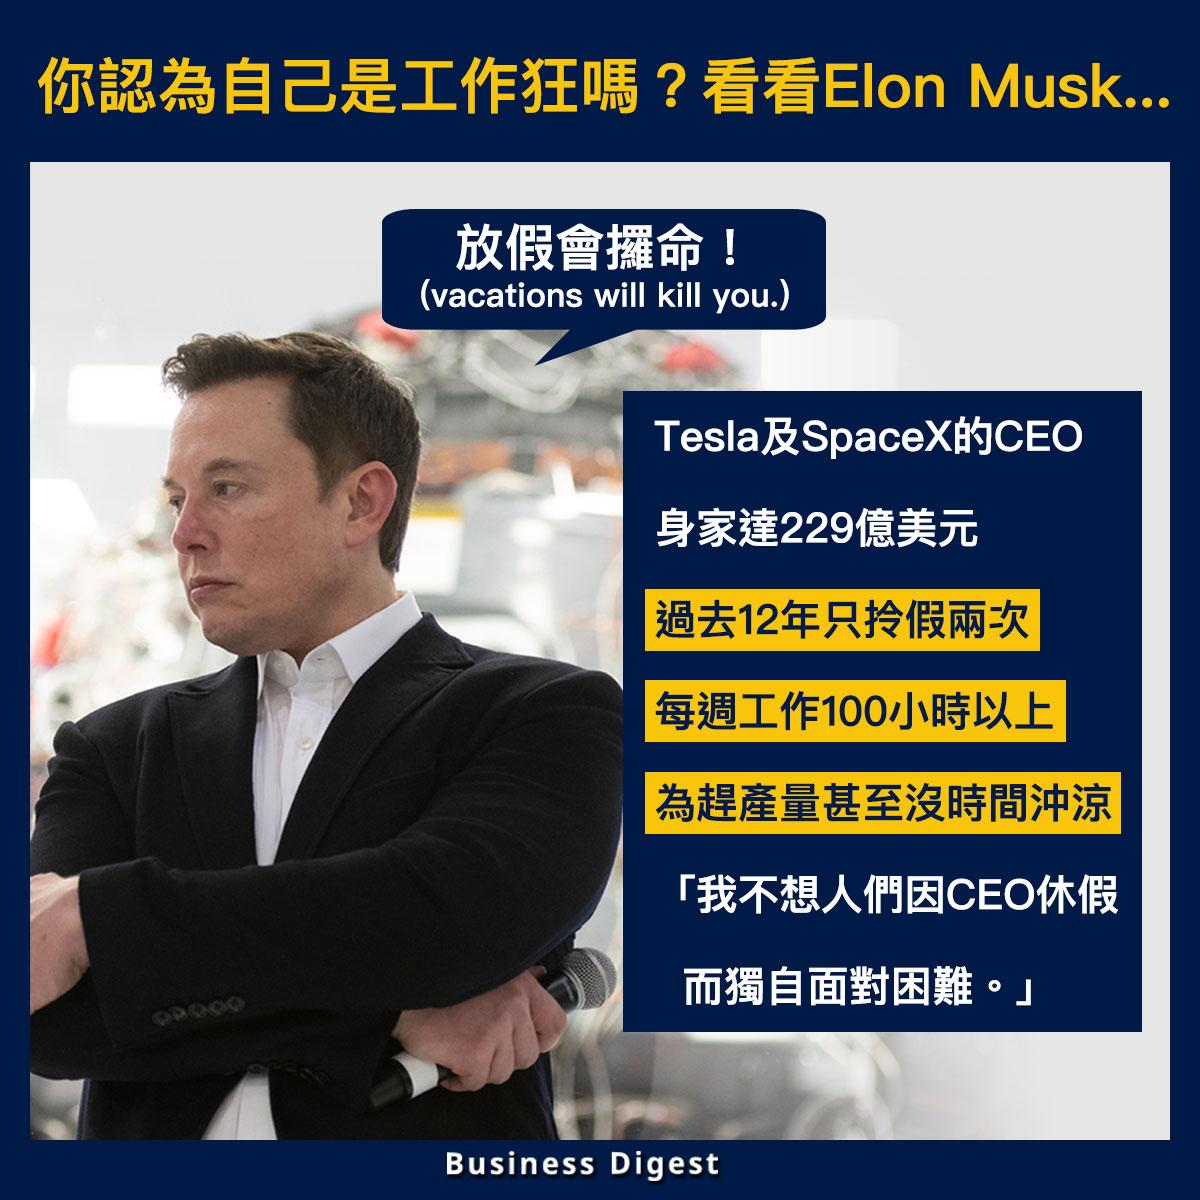 【令你嚇一跳的商業名人】你認為自己是工作狂嗎?看看Elon Musk...